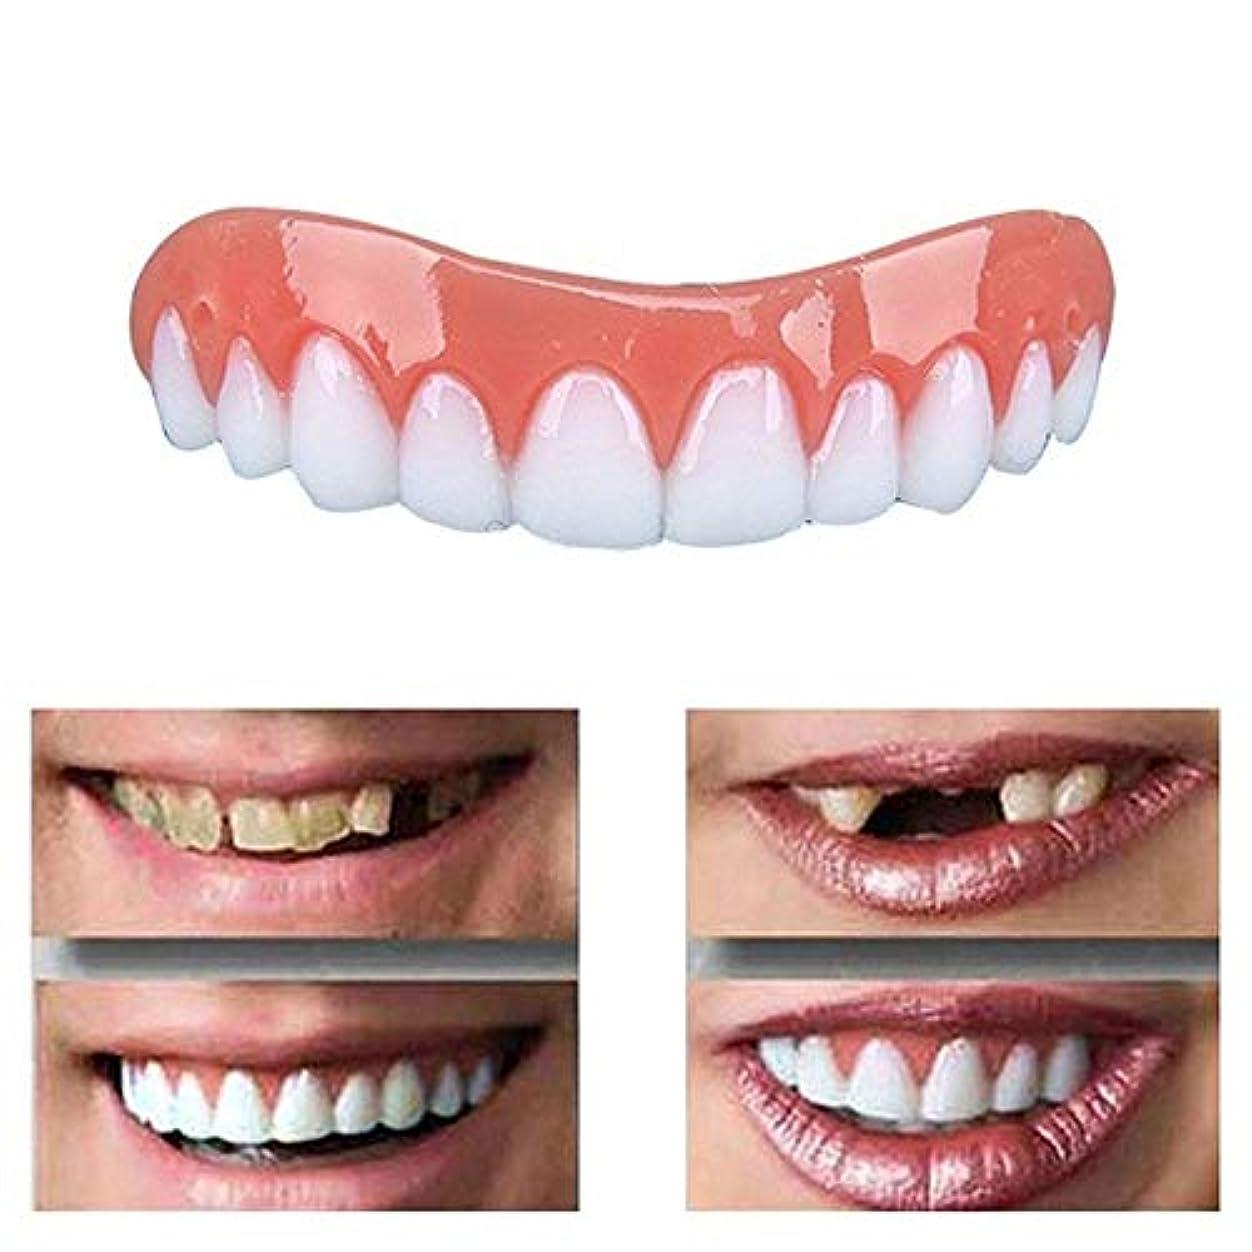 宣伝それによってヘッジ上位層シリコーンシミュレーション入れ歯ホワイトニング歯に白い歯の2ペア。